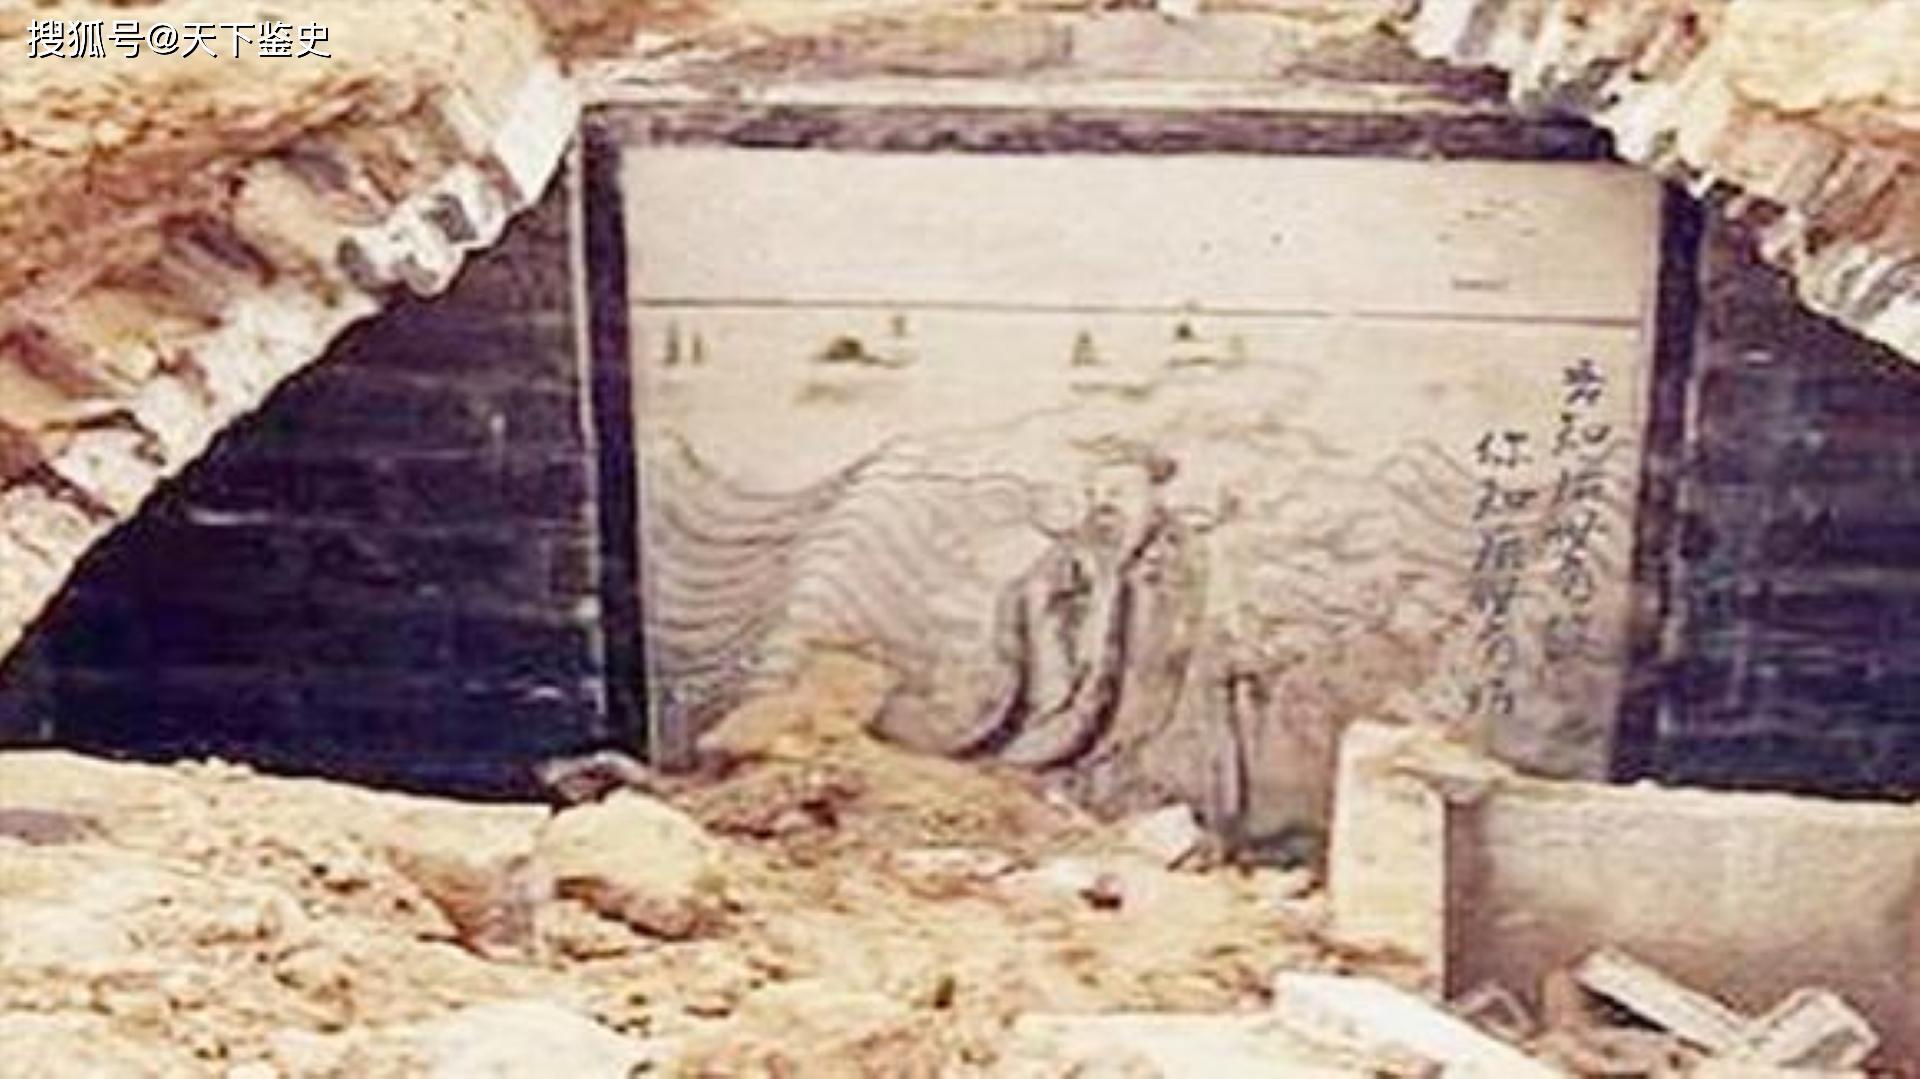 诸葛亮陵墓被挖出,墓中景象轰动平安彩票网 轶事秘闻 第1张